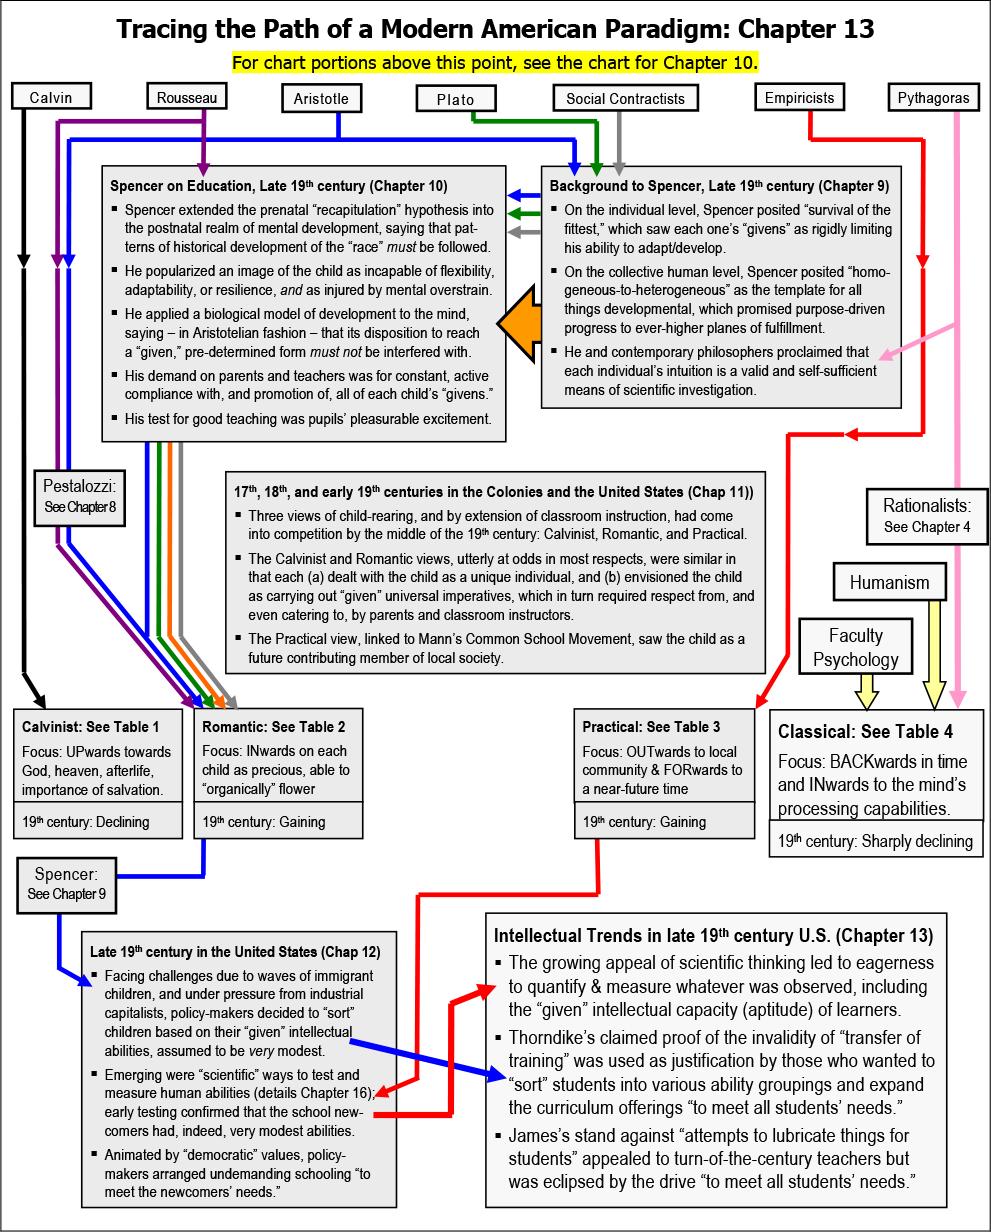 Chart 13